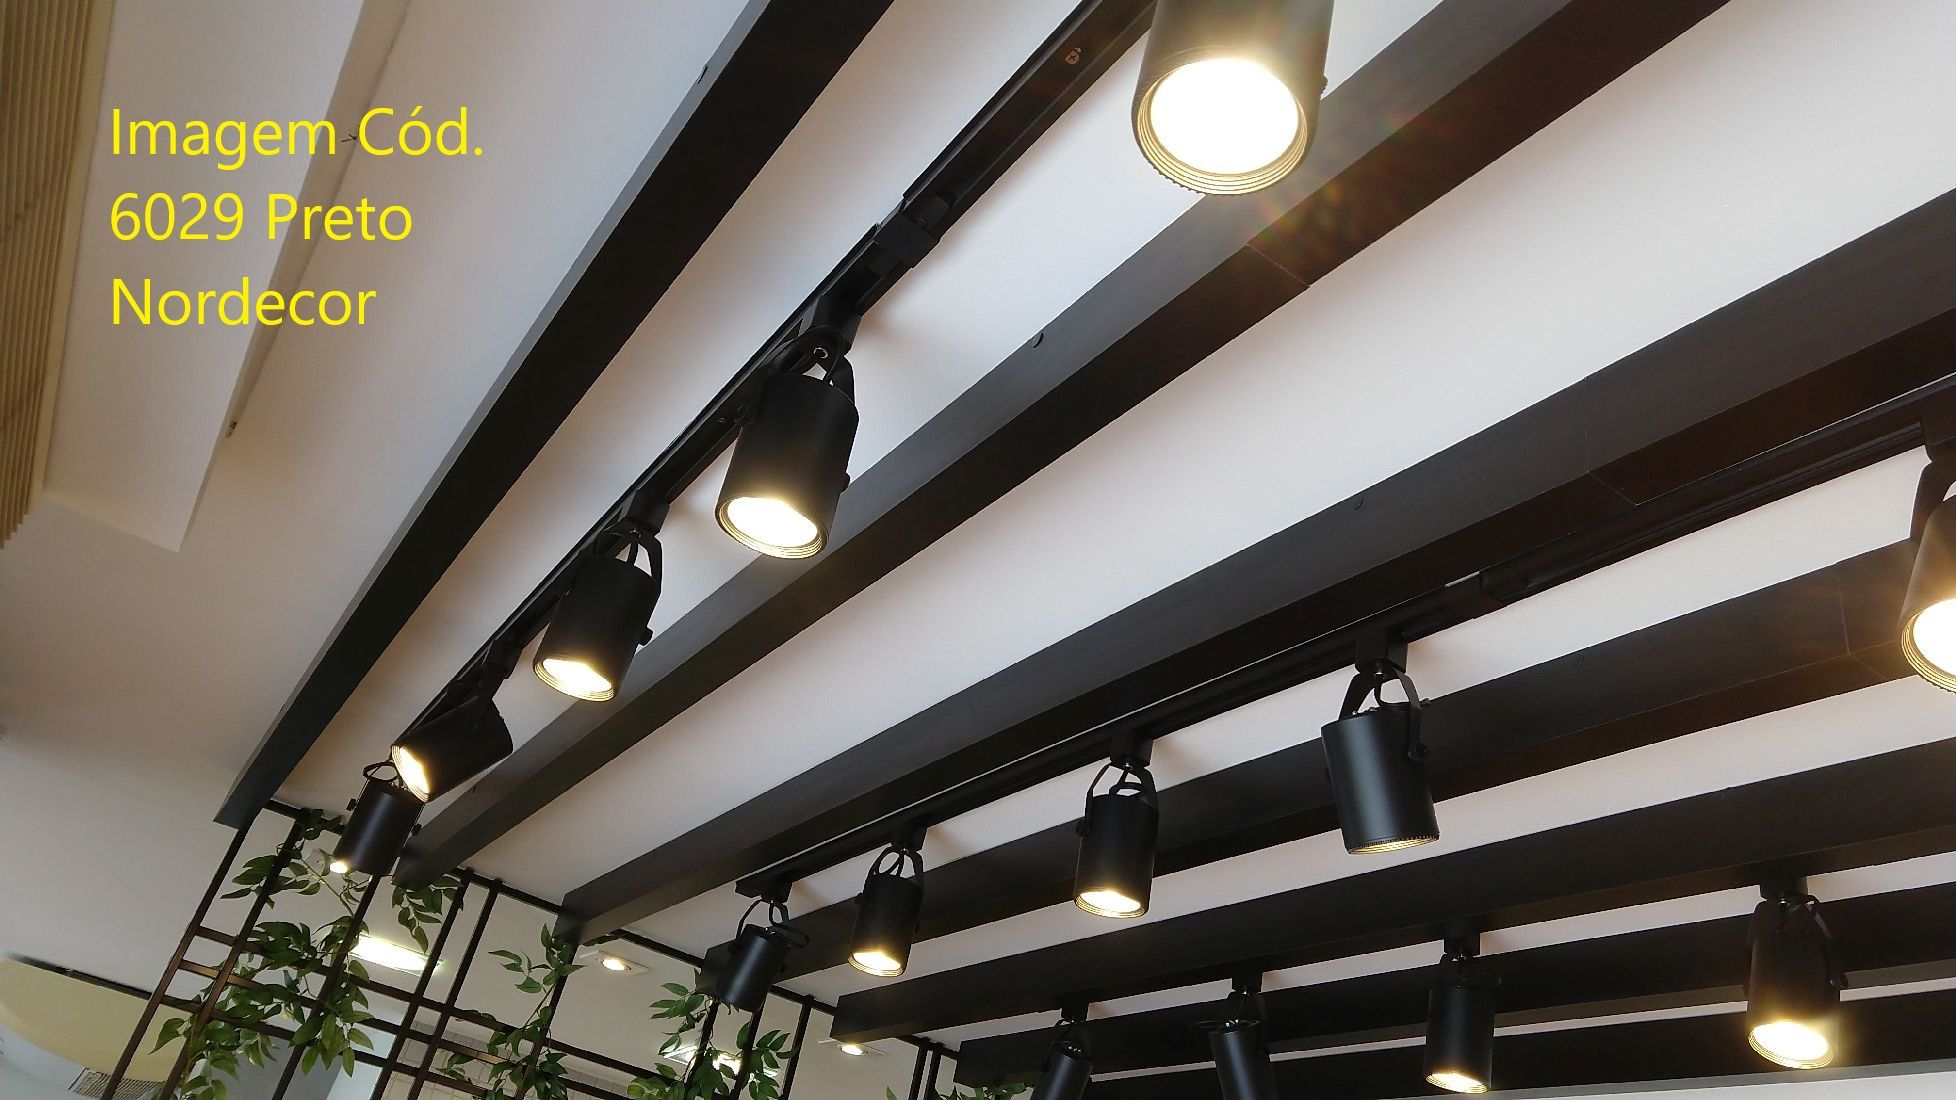 Kit Trilho Eletrificado 2m Preto Lille Nordecor + 4 Spot Par20 Para Sala Quarto Cozinha Quadro